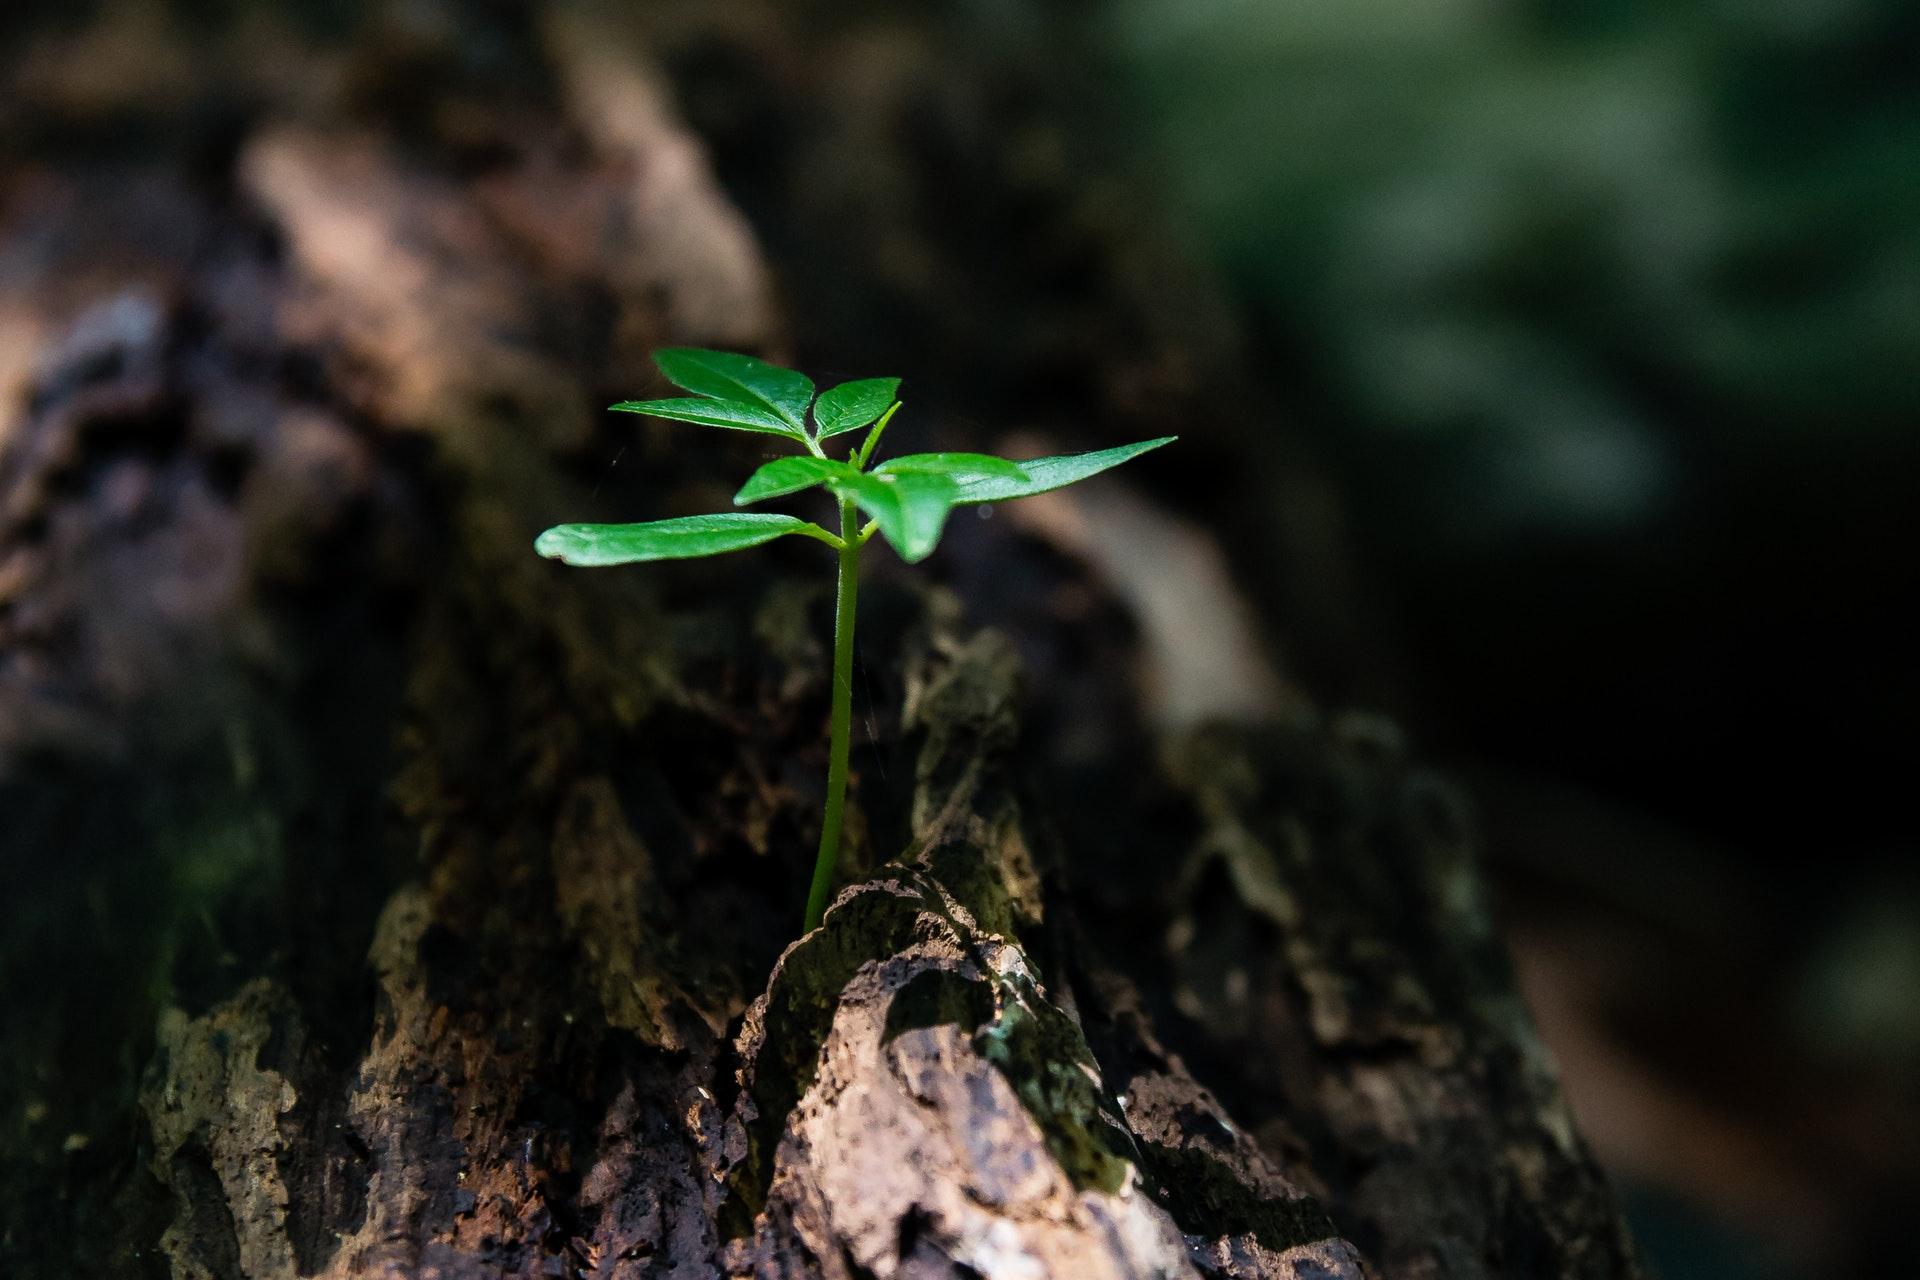 6 clés pour développer sa résilience en période de crise